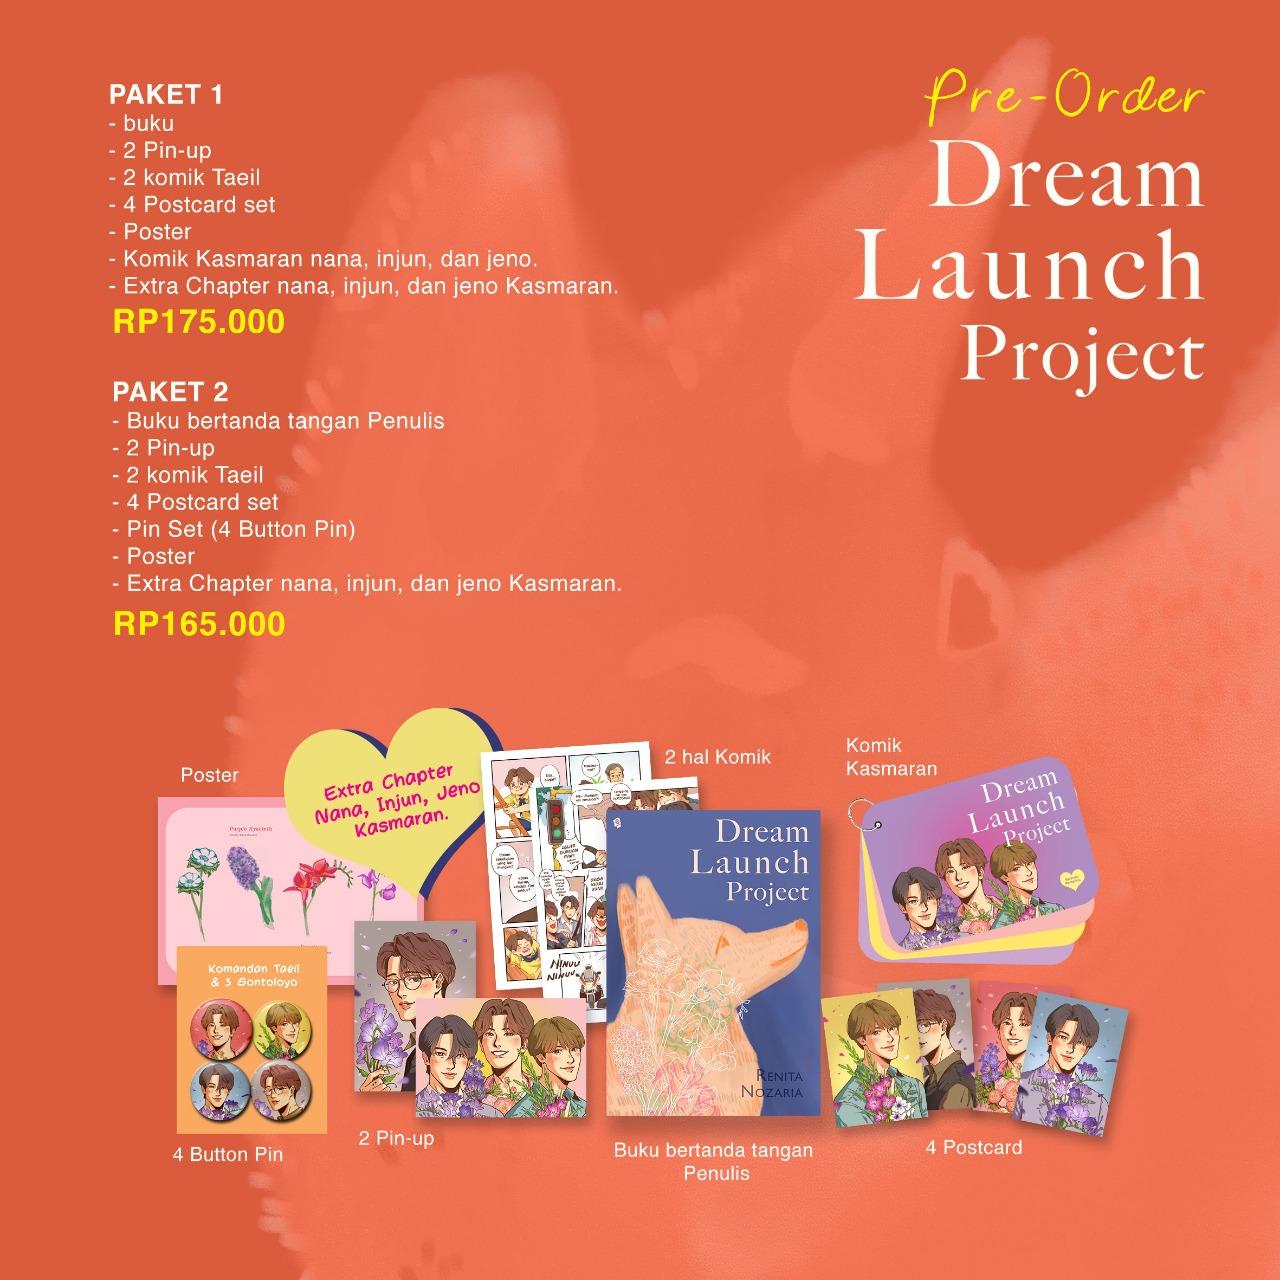 Pre- Order Dream Launch Project